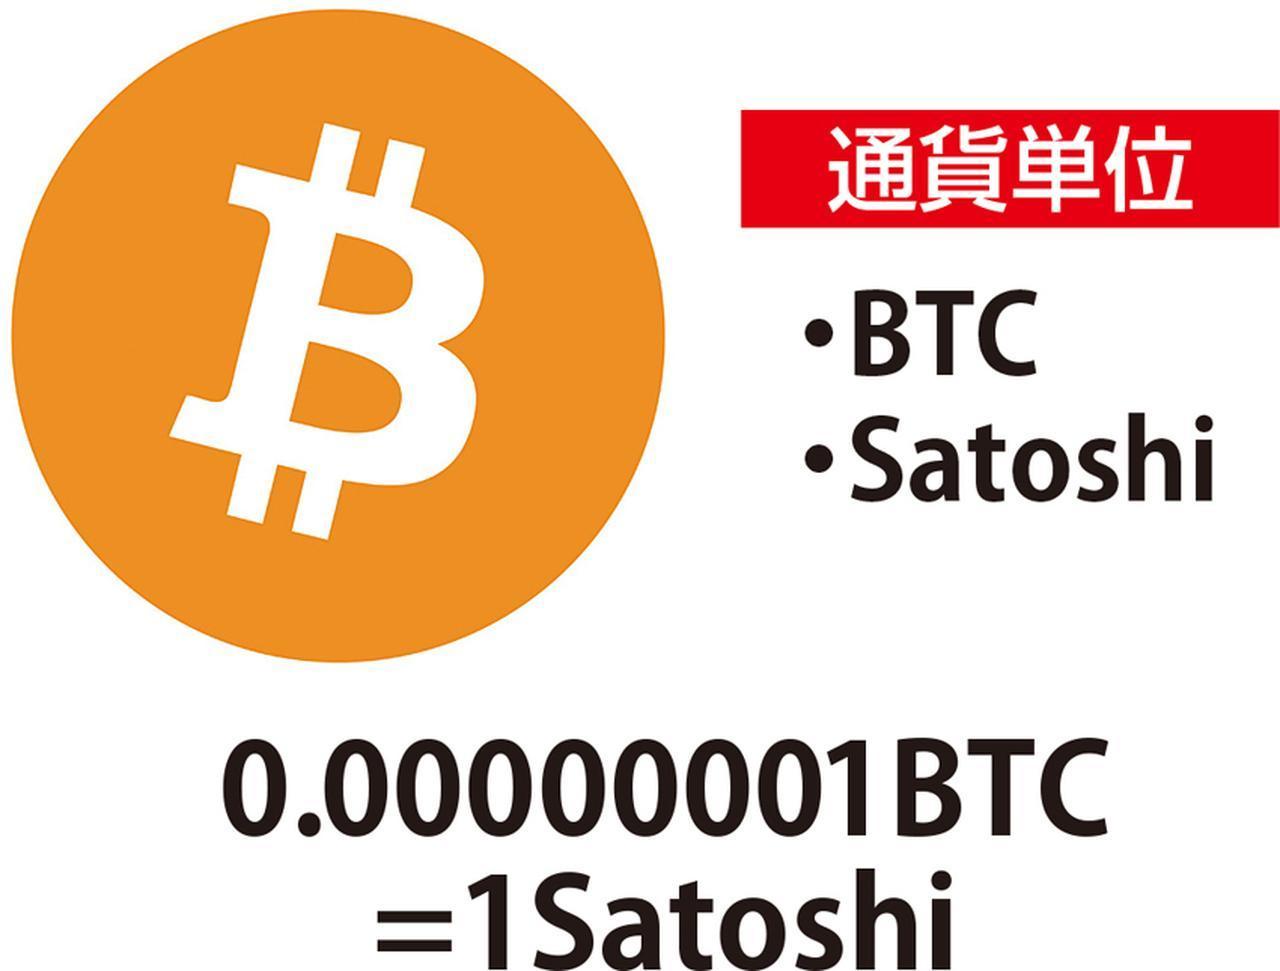 画像: ビットコインの単位はBTCで、最大で1億分の1単位まで分割できる。この最小単位を「Satoshi」と呼ぶ。